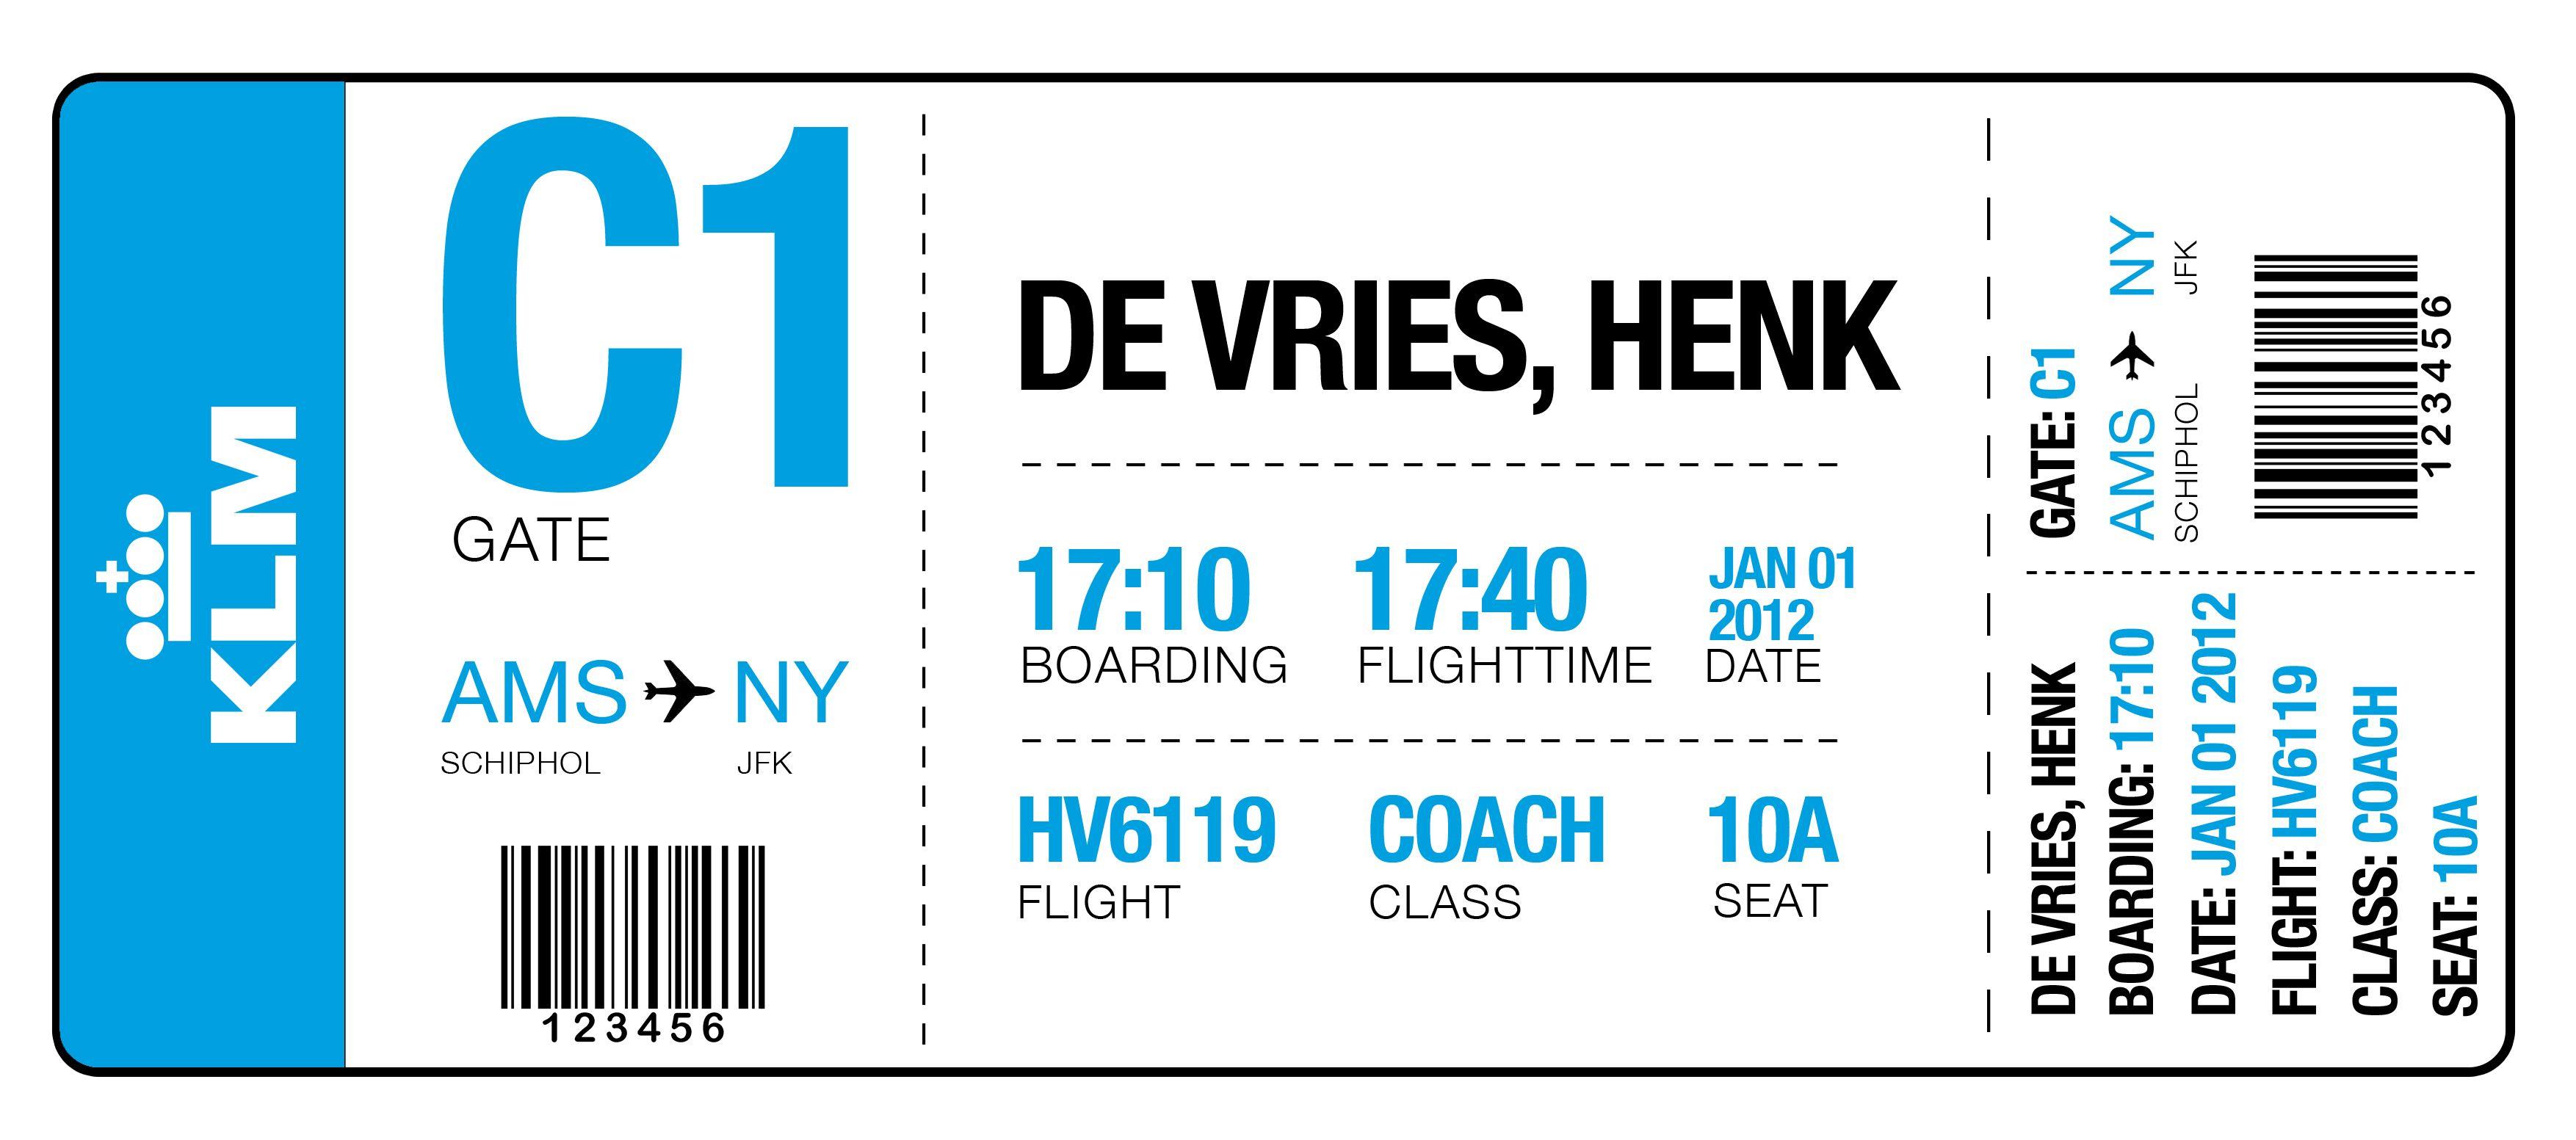 KLM design idea. | Just Landed Inspiration | Pinterest